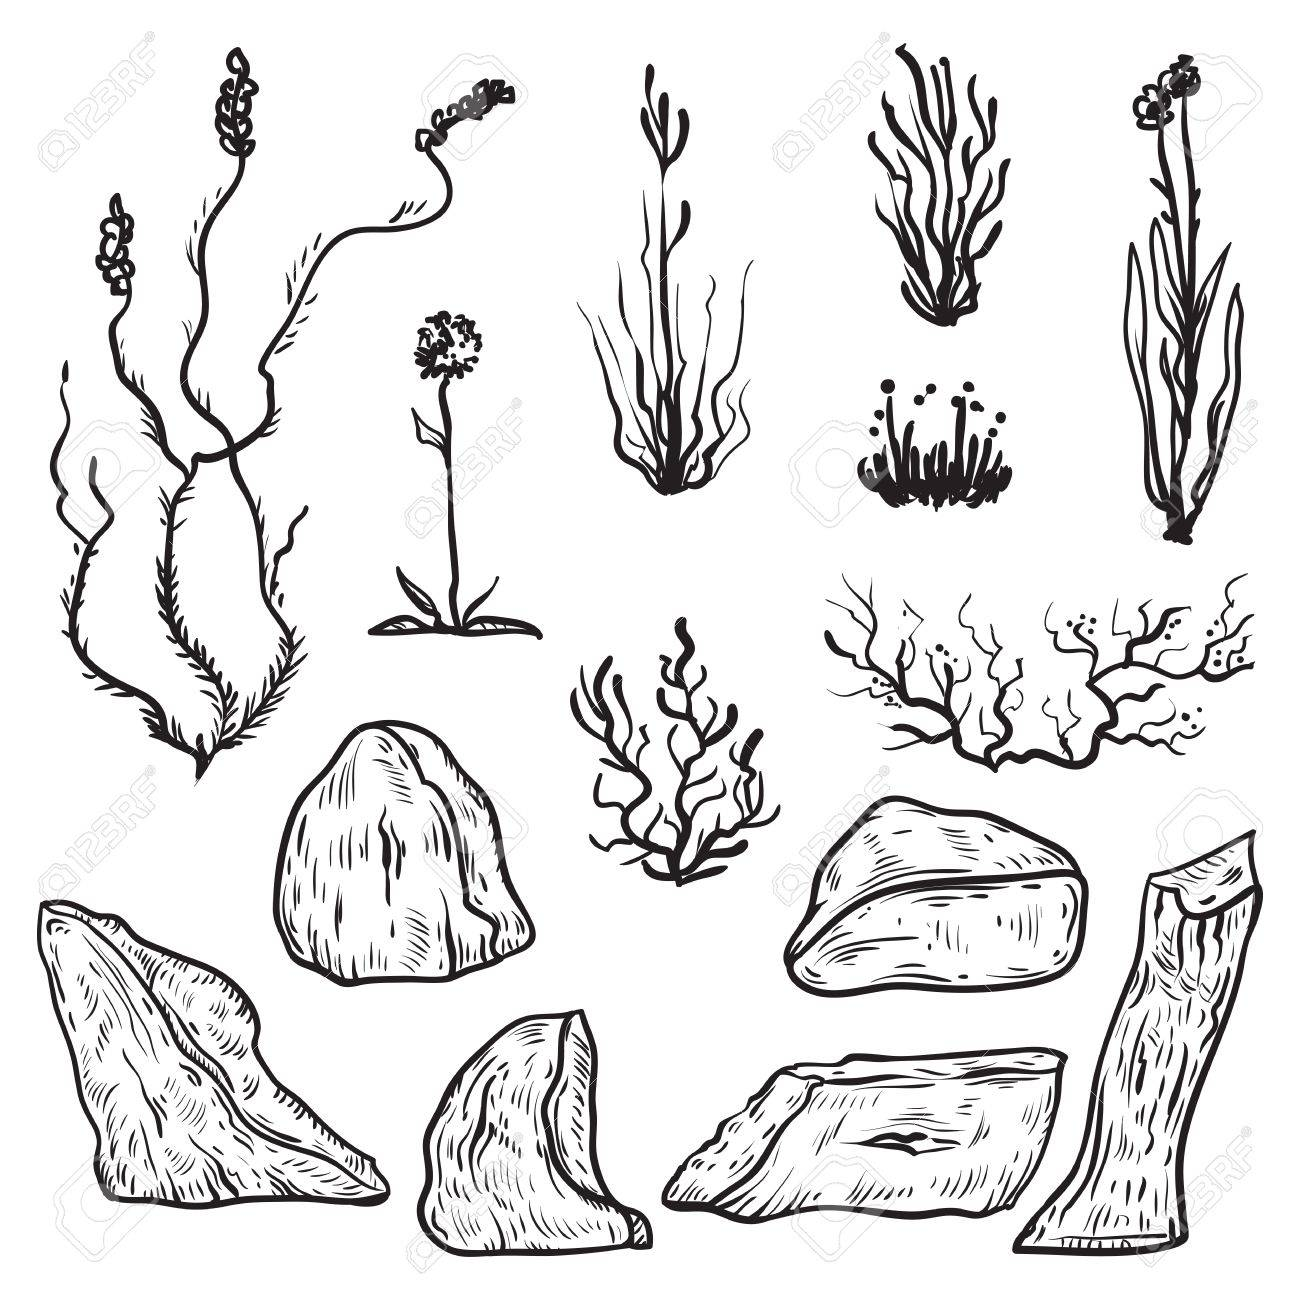 Plantas De La Tundra Del Norte E Icebergs Elementos De Diseño Blanco Y Negro En El Estilo De Dibujo Ilustración De Vector Dibujado A Mano Vintage